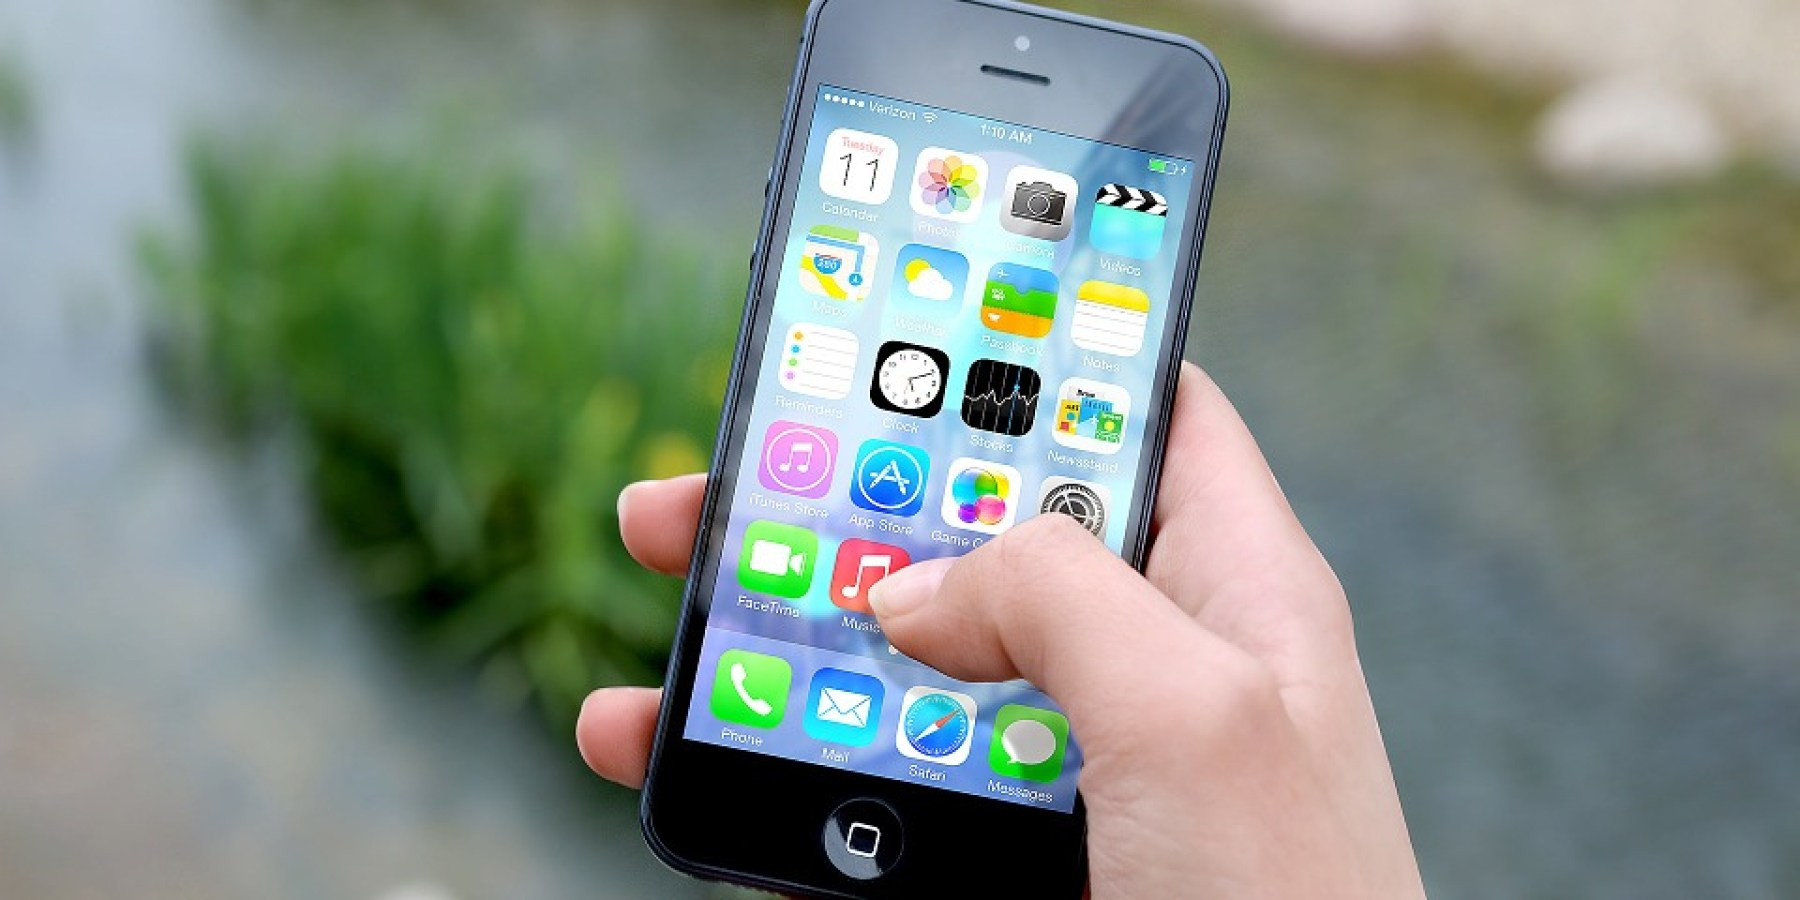 Versuchter Handy-Diebstahl